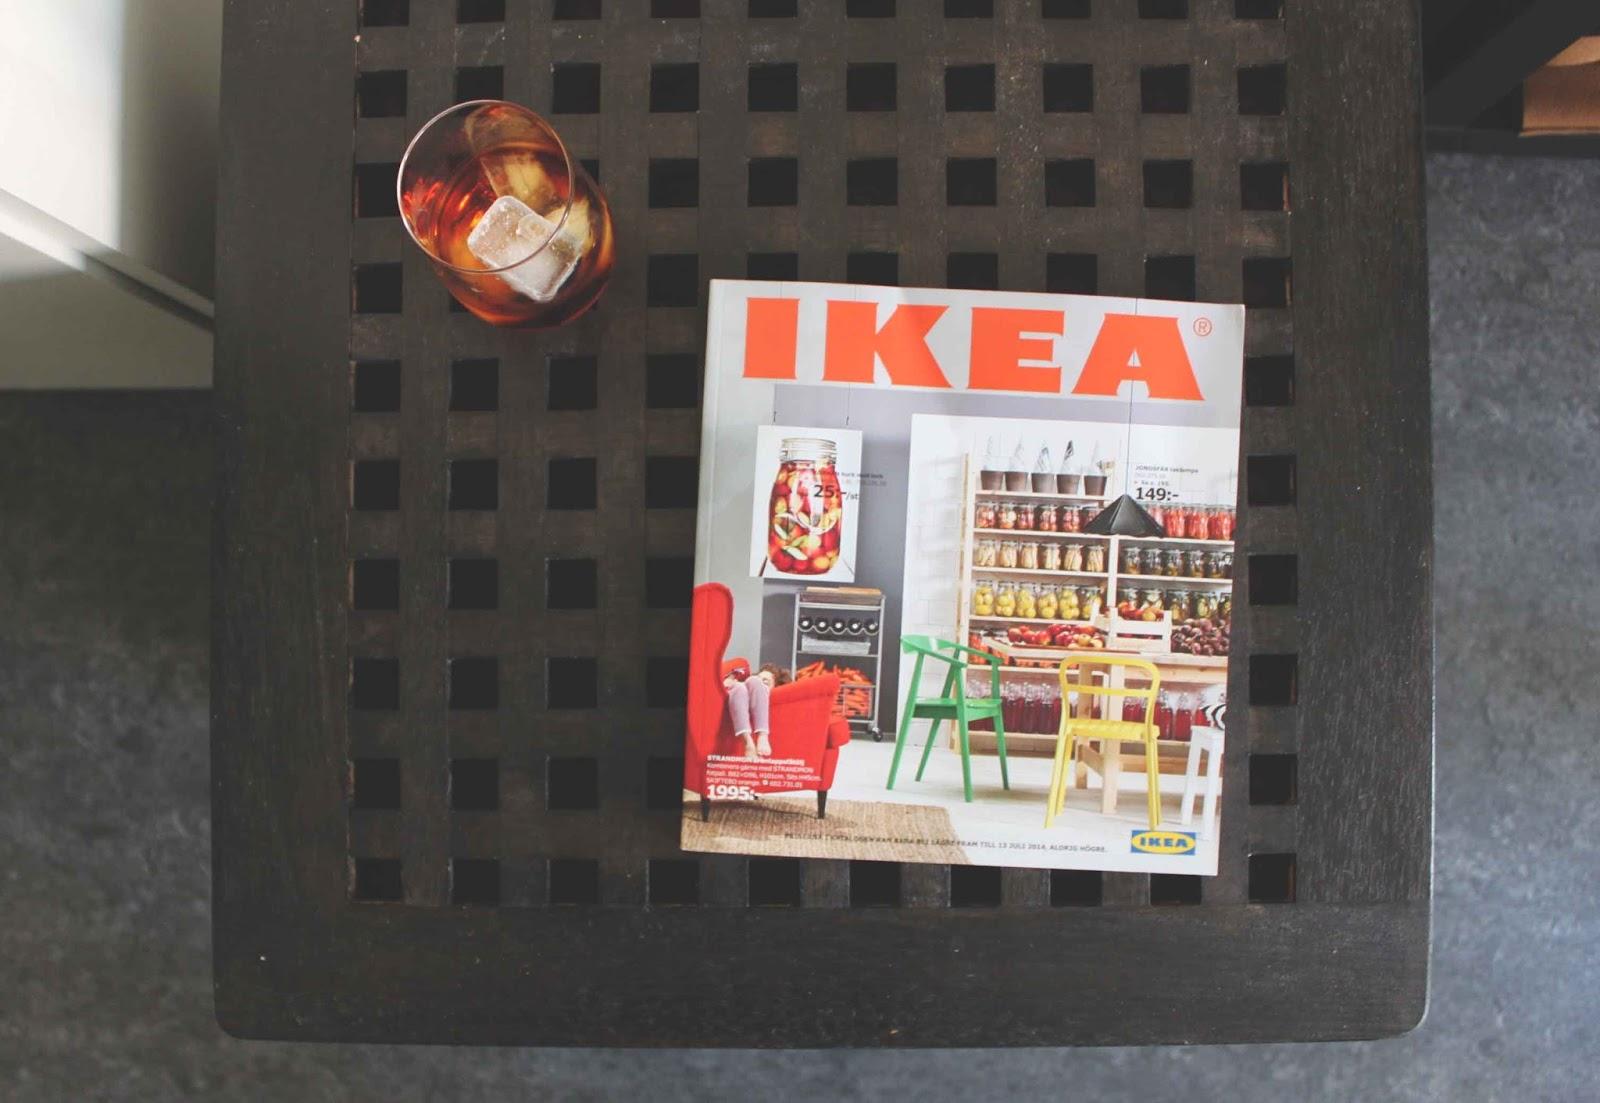 bruskollektivet nostalgi och popcorn möbler